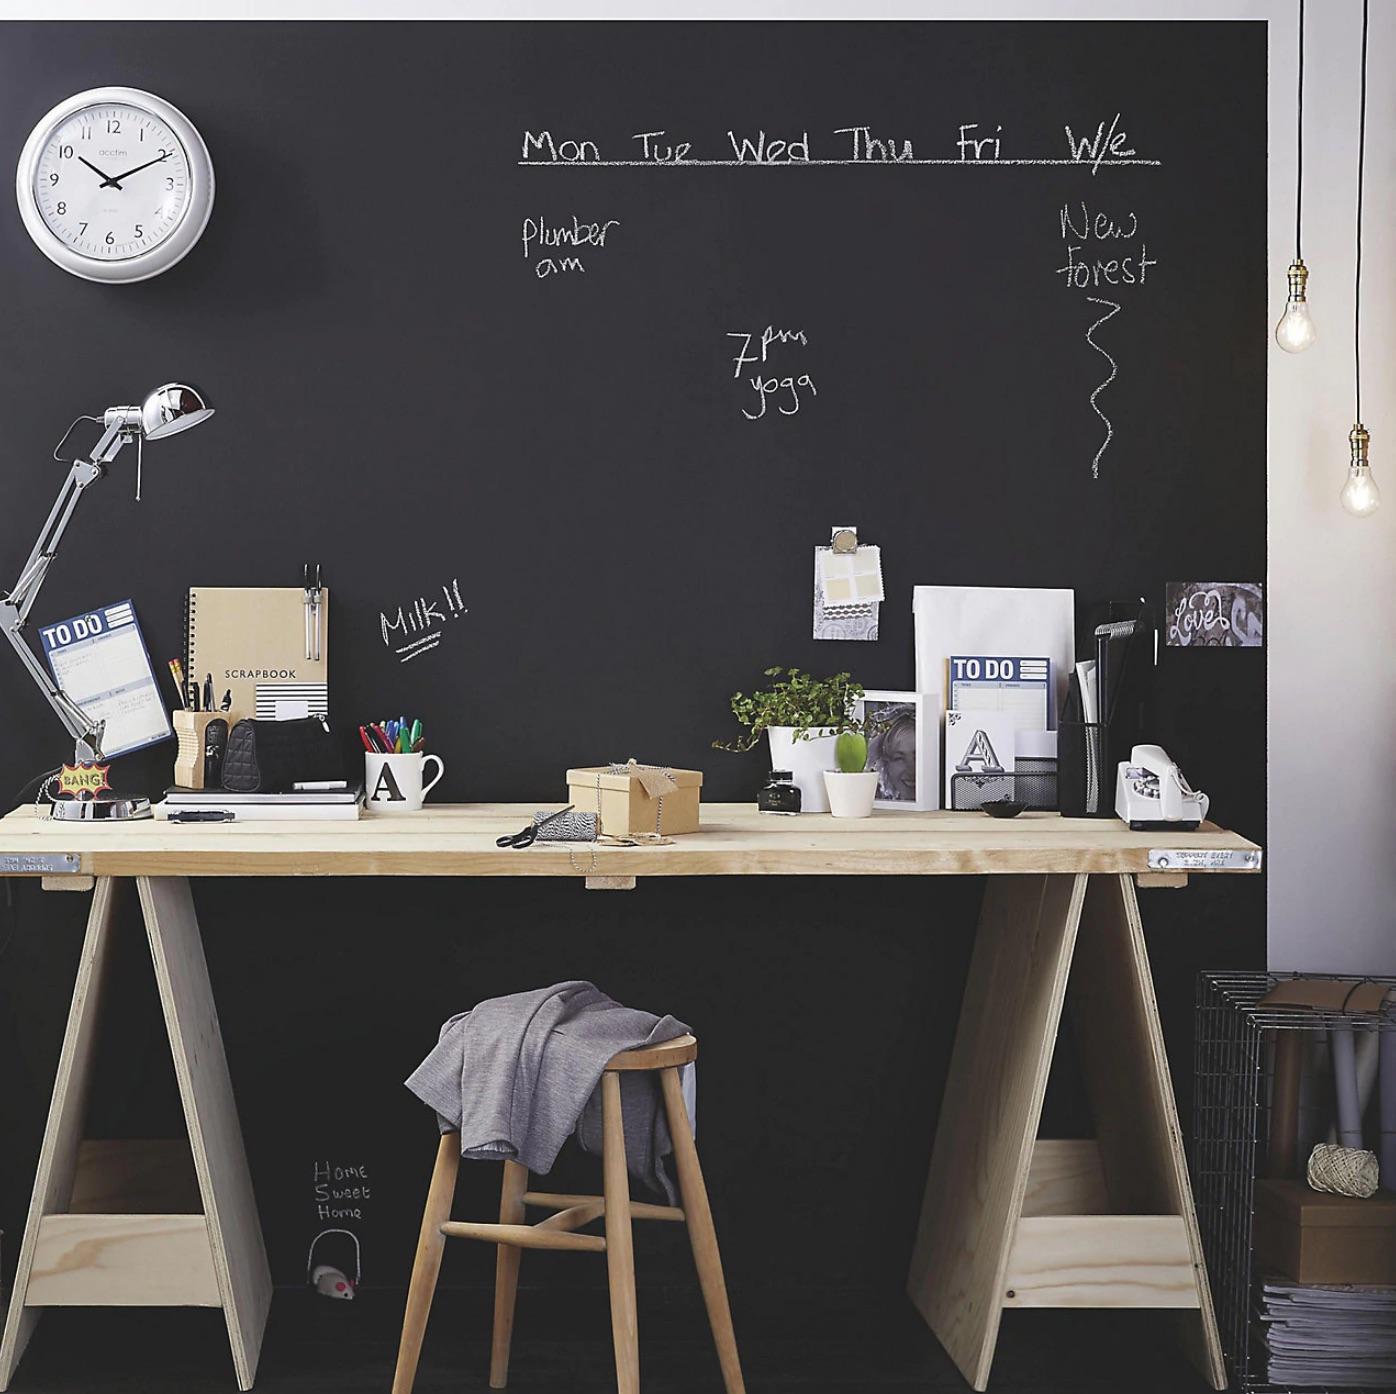 Chalkboard feature wall